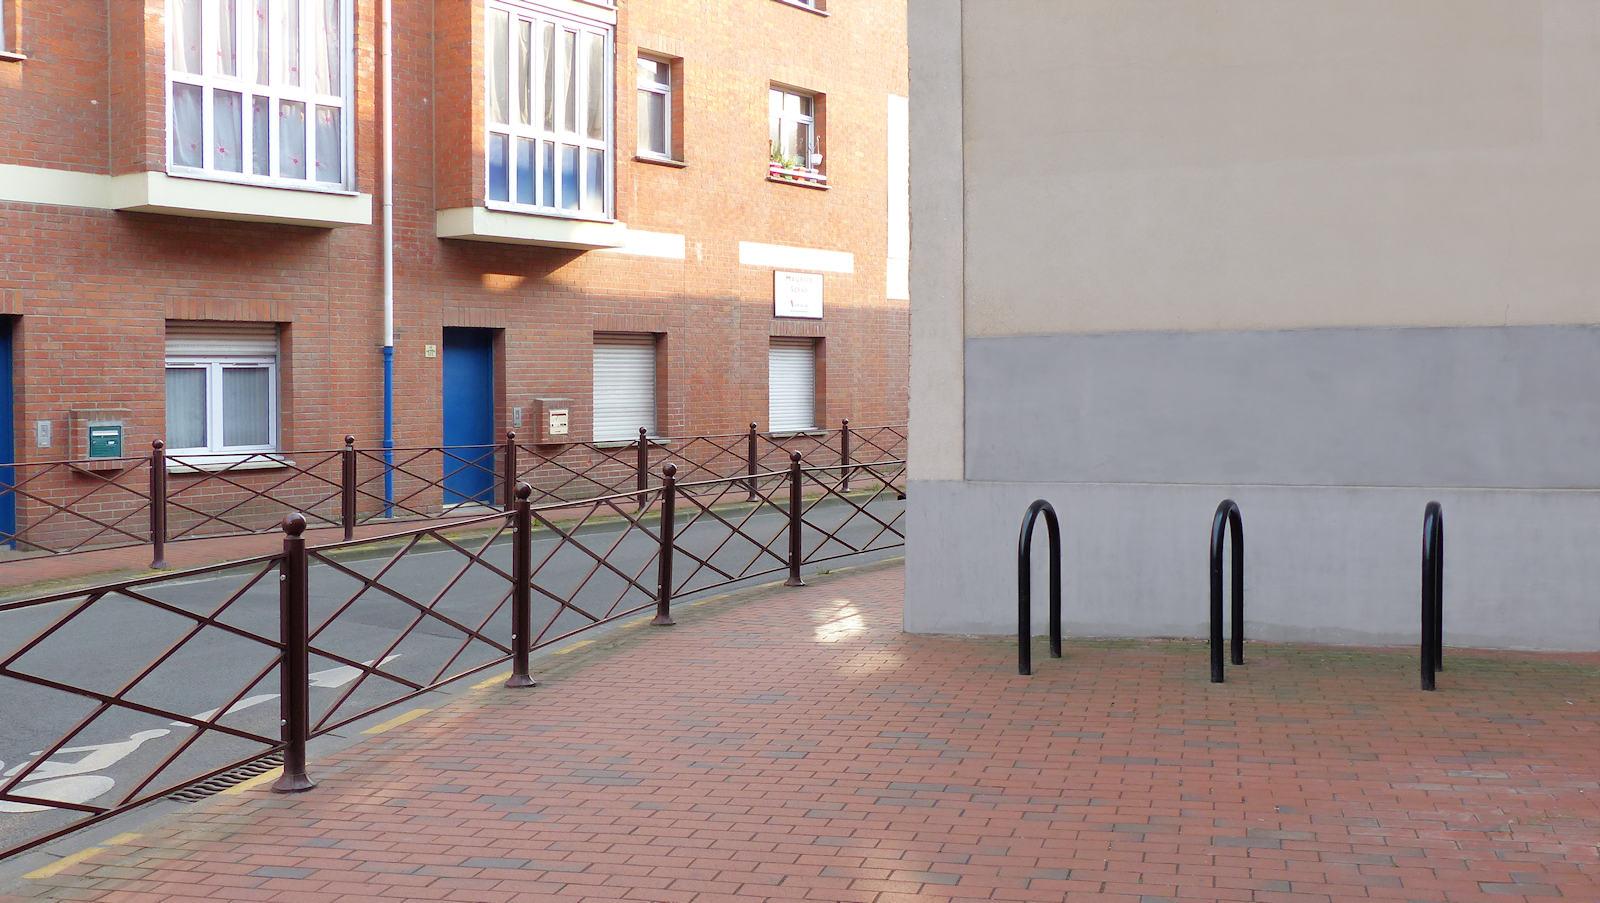 Arceaux stationnement 2 roues, Rue des Anges, Tourcoing